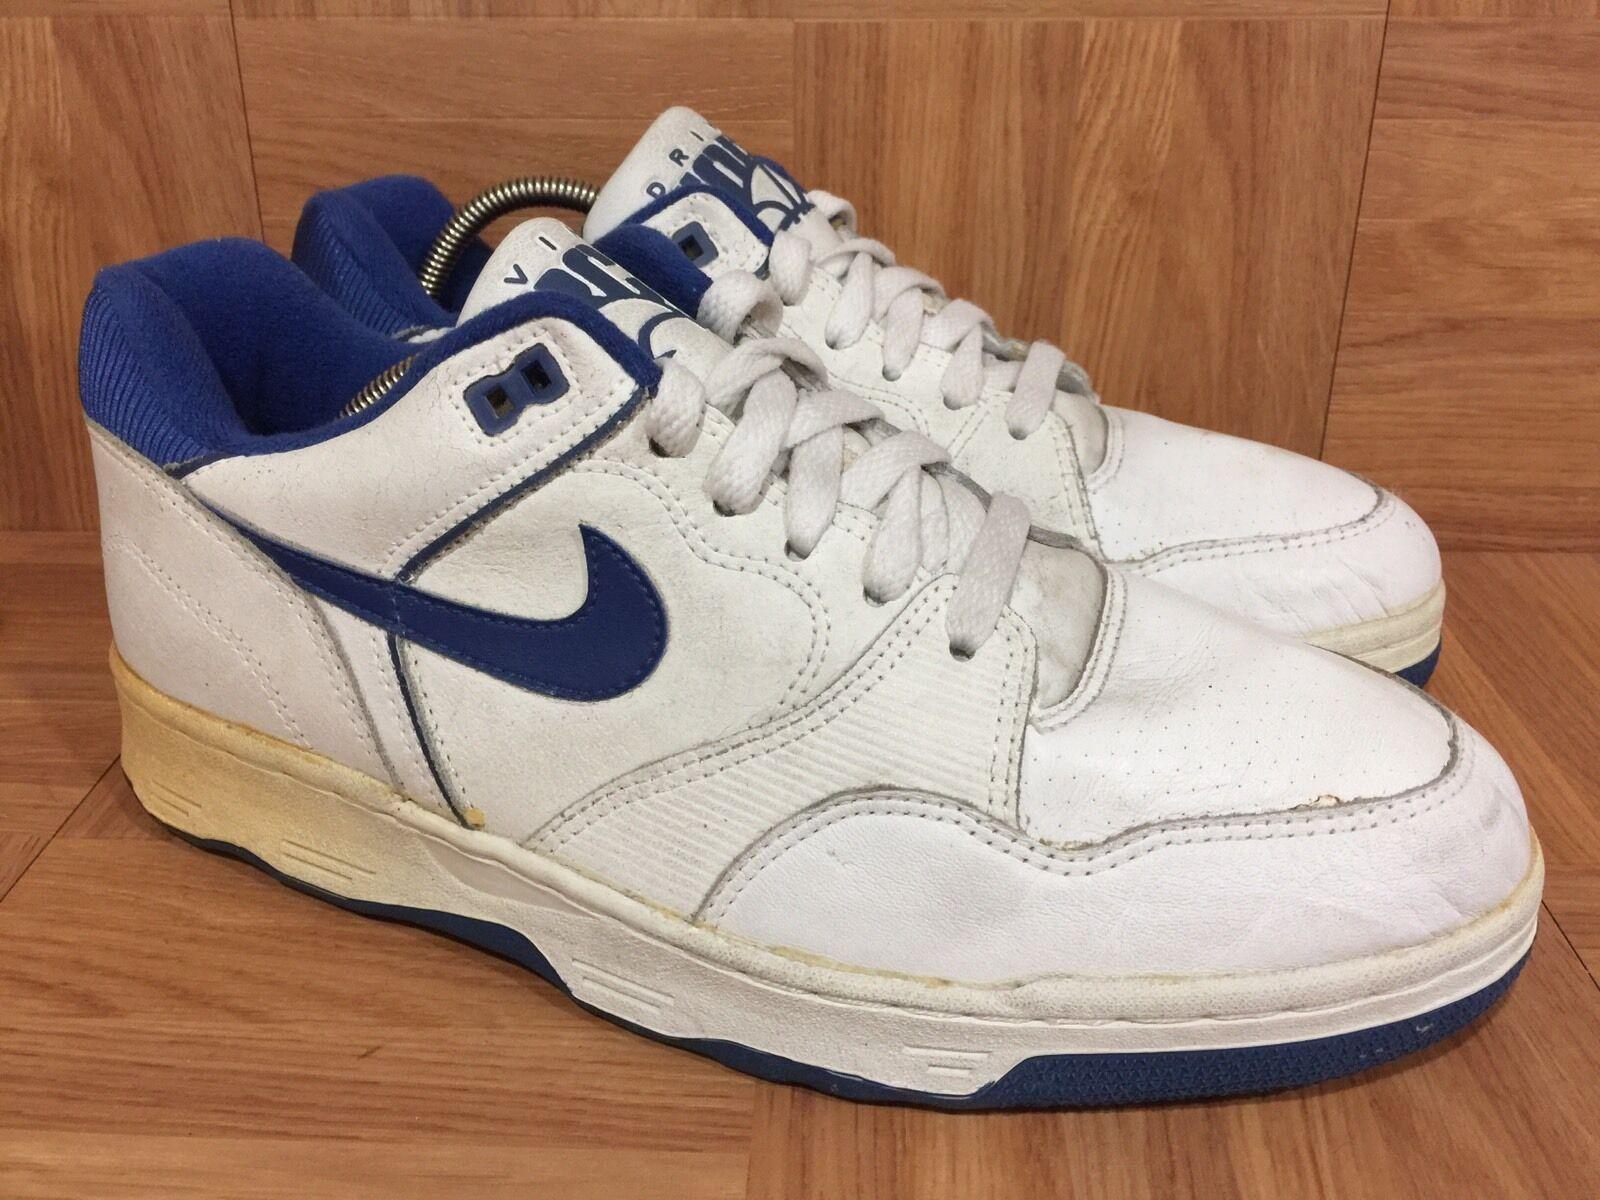 Si ripropone di nike air motore basso bianco blu reale 1989 classico originale scarpa